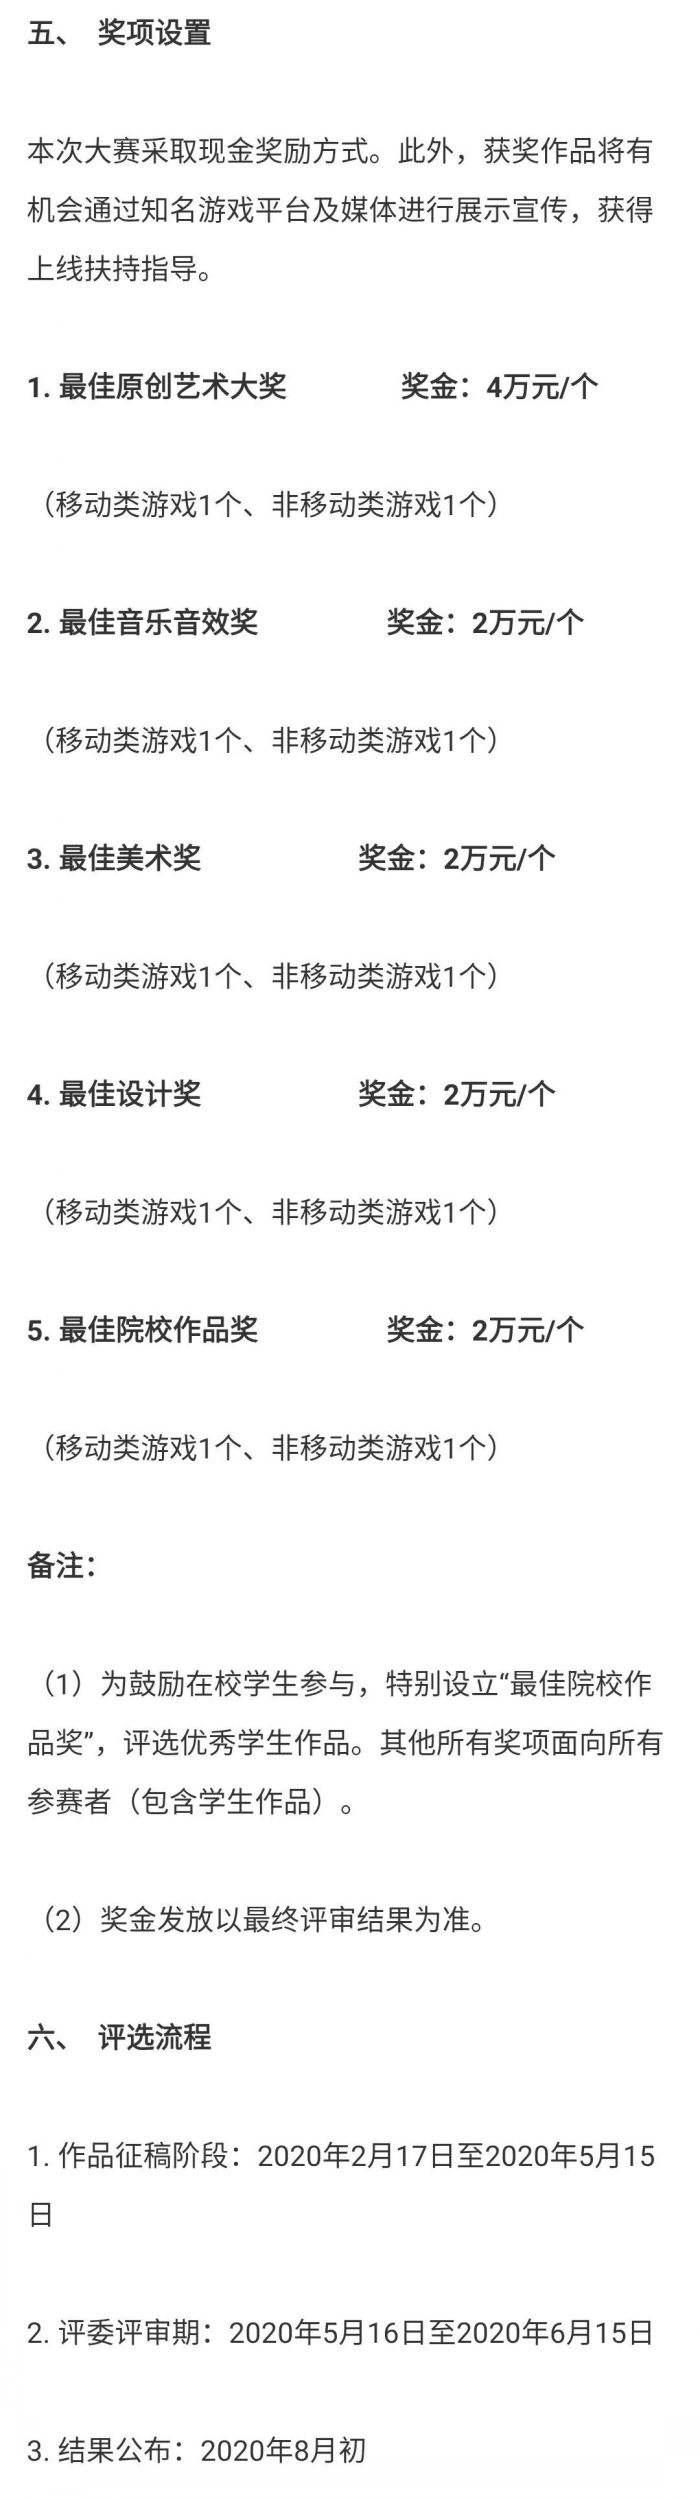 第二届中国原创艺术类精品游戏大赛征集书